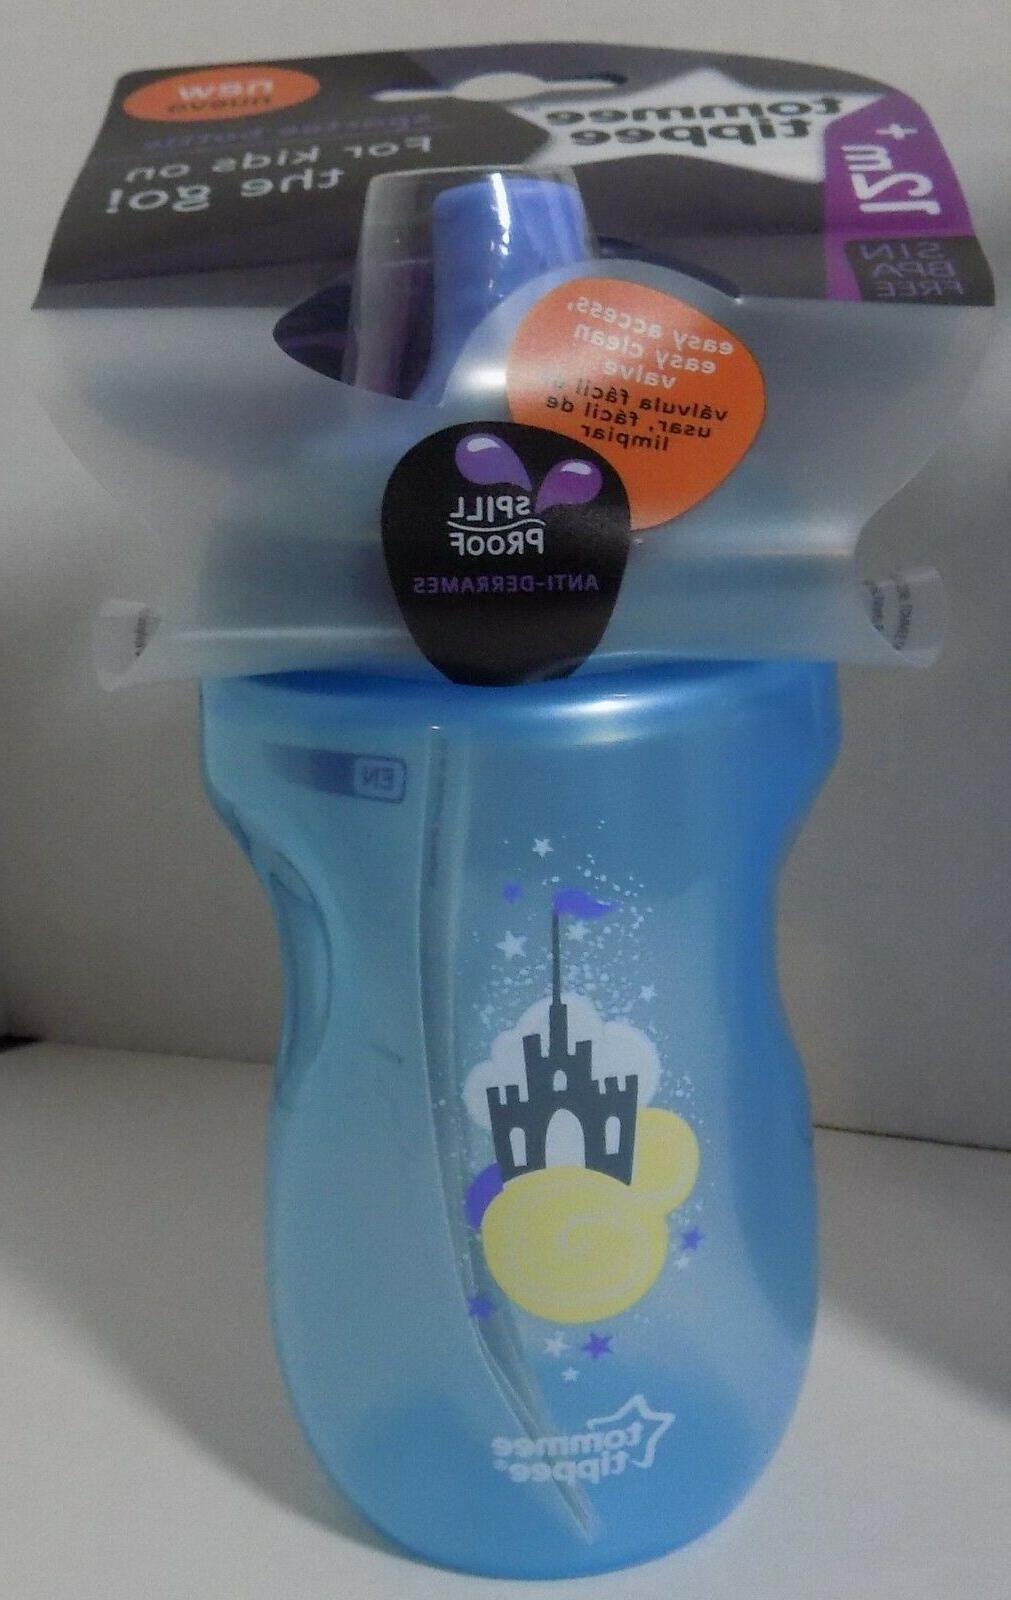 Tommee Sportee Sippy Cup oz Leak Proof Easy Grip 12 m+ 3